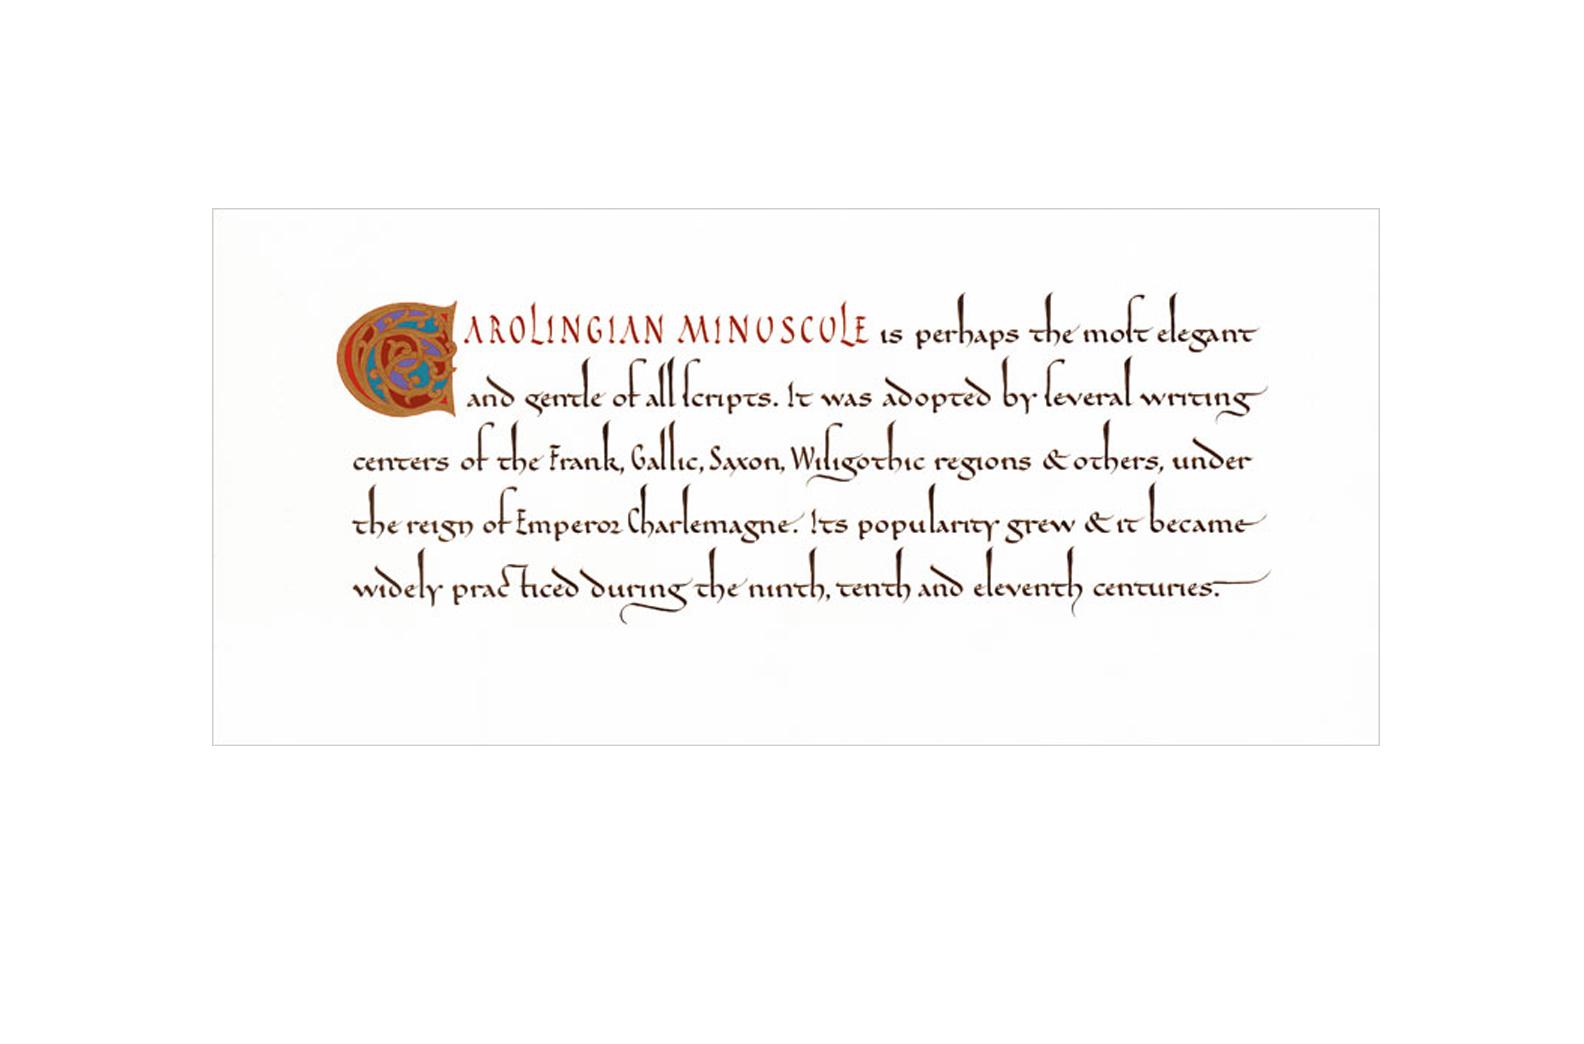 Carolingian Minuscule